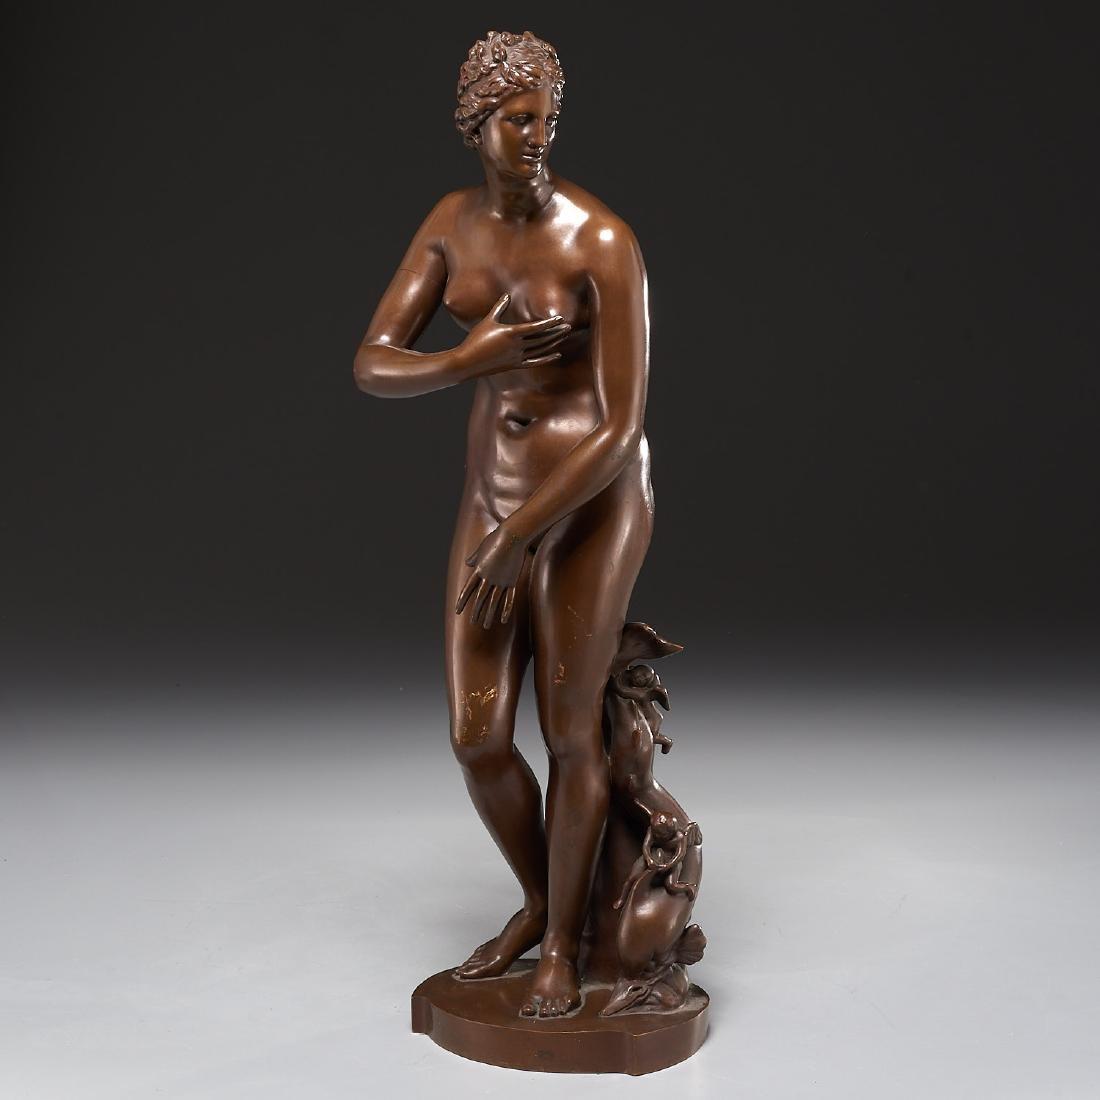 Ferdinand Barbedienne, sculpture